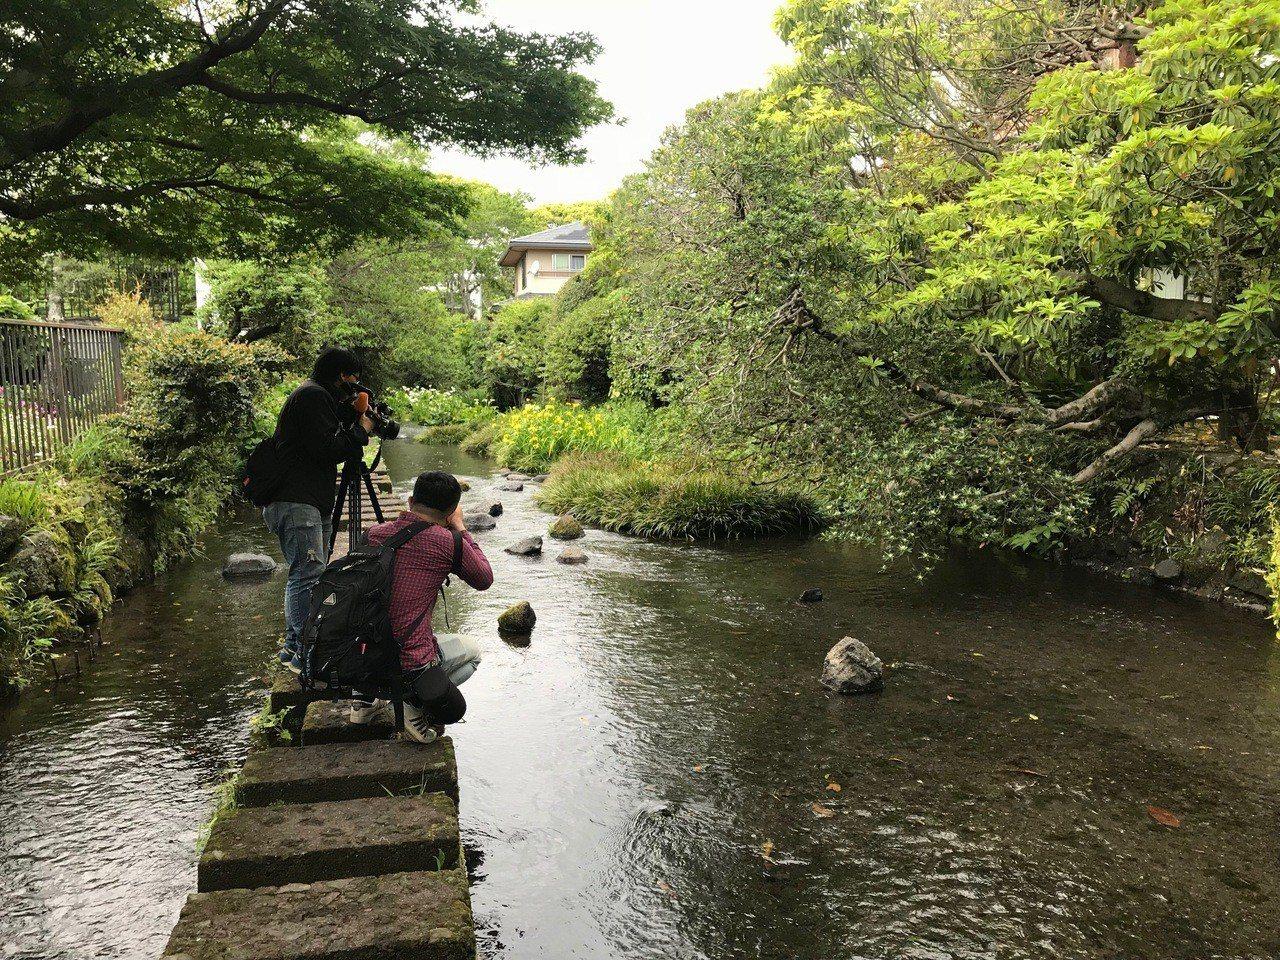 走在源兵衛川上,水清草綠,還有飛鳥掠過,撫慰了焦躁的心。